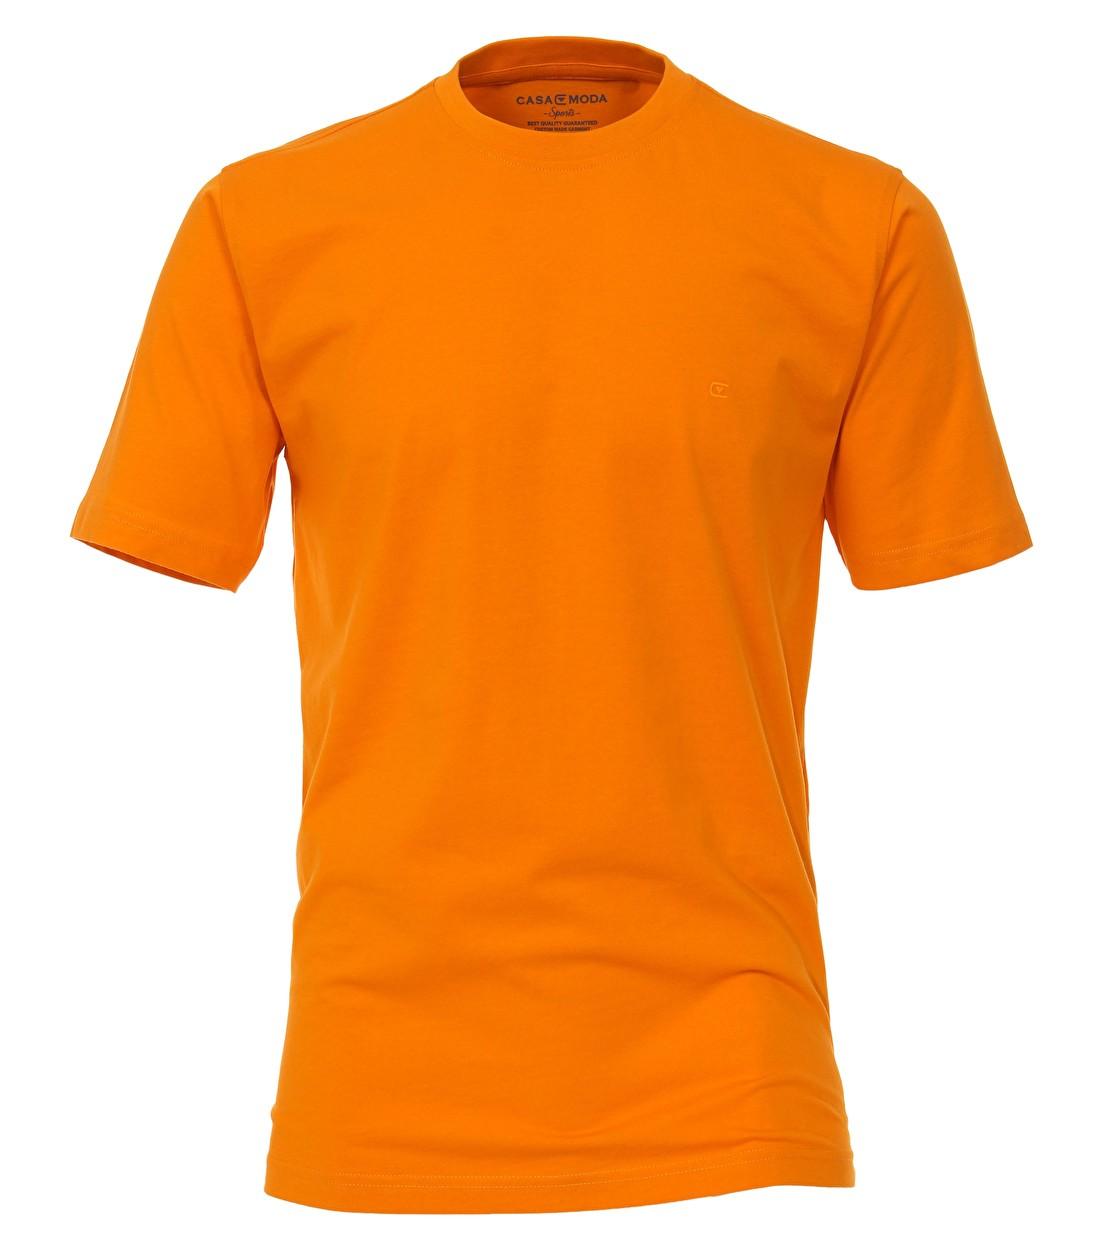 Oranje t-shirt grote maat